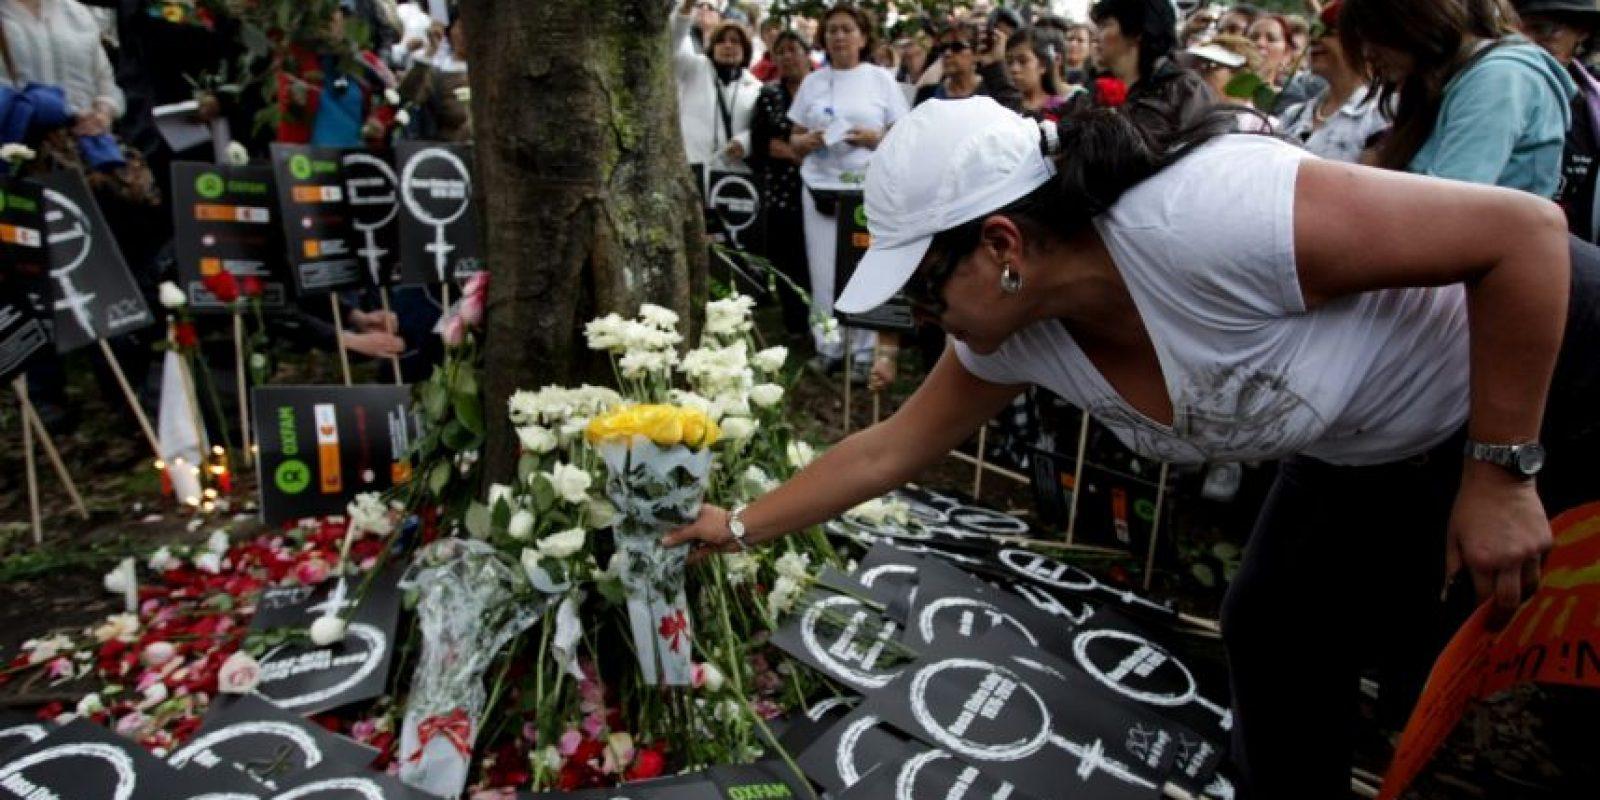 Mujeres dejando flores en el lugar donde fue hallada Rosa Elvira Cely tras ser violada, golpeada y empalada. Foto:EFE